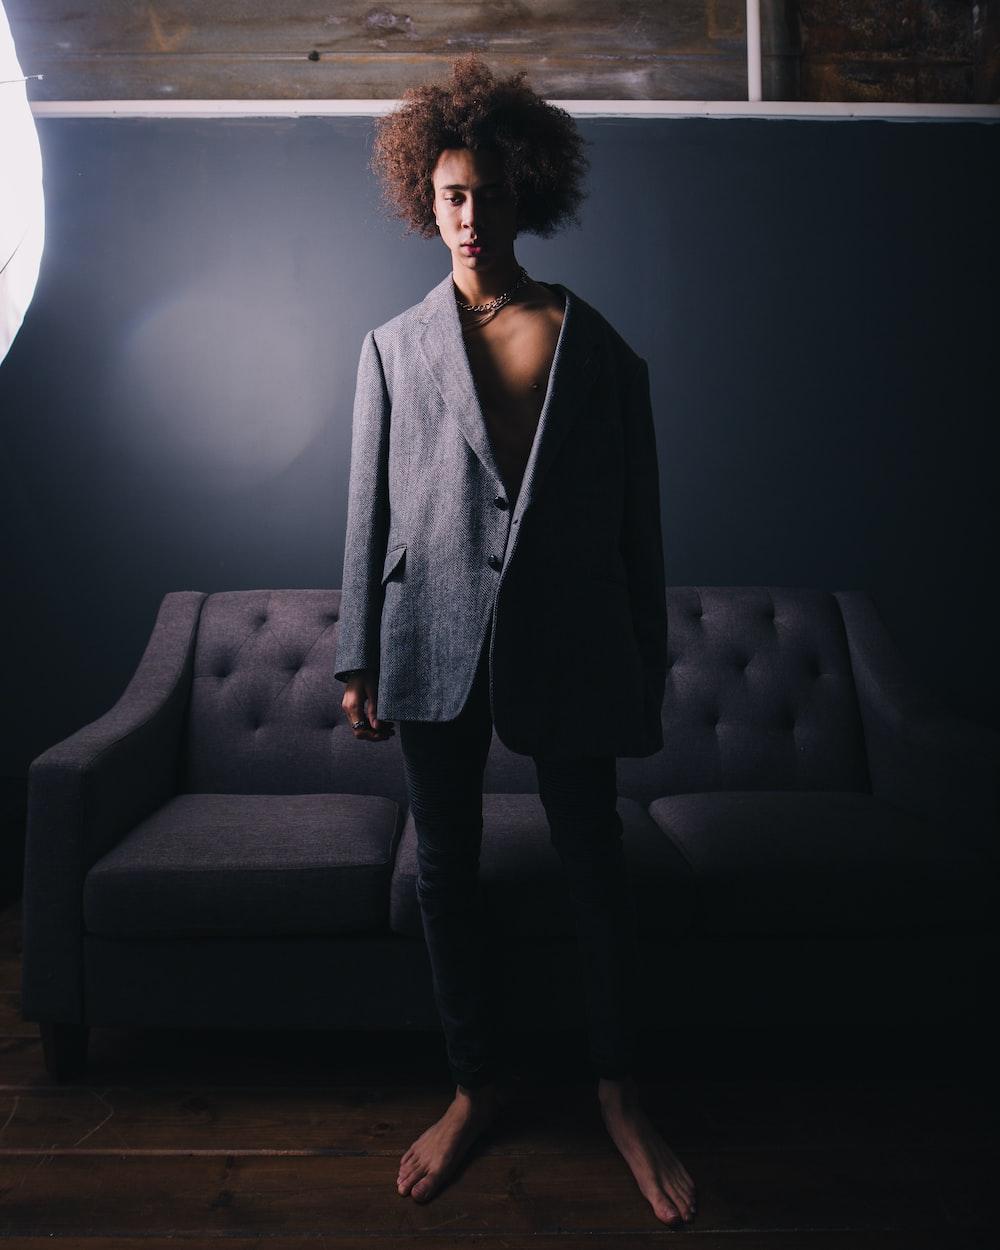 man standing wearing black blazer behind sofa